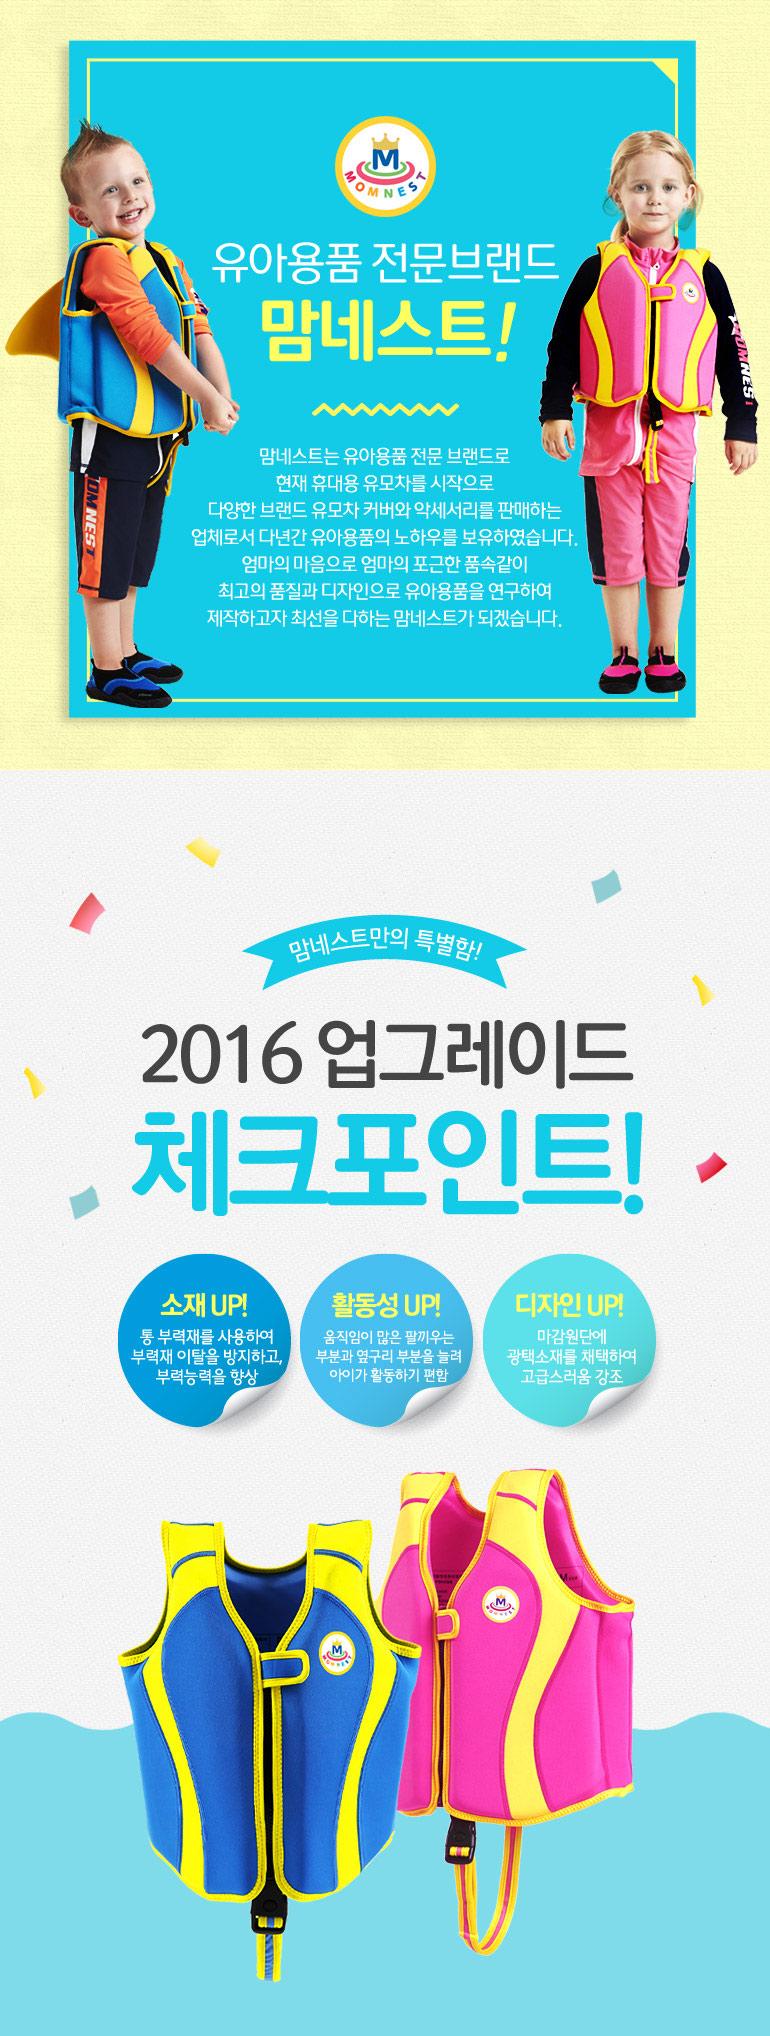 맘네스트 네오플렌 돌핀 수영조끼 키즈 구명조끼 - 아바드, 26,900원, 시즌/이벤트의류잡화, 수영복